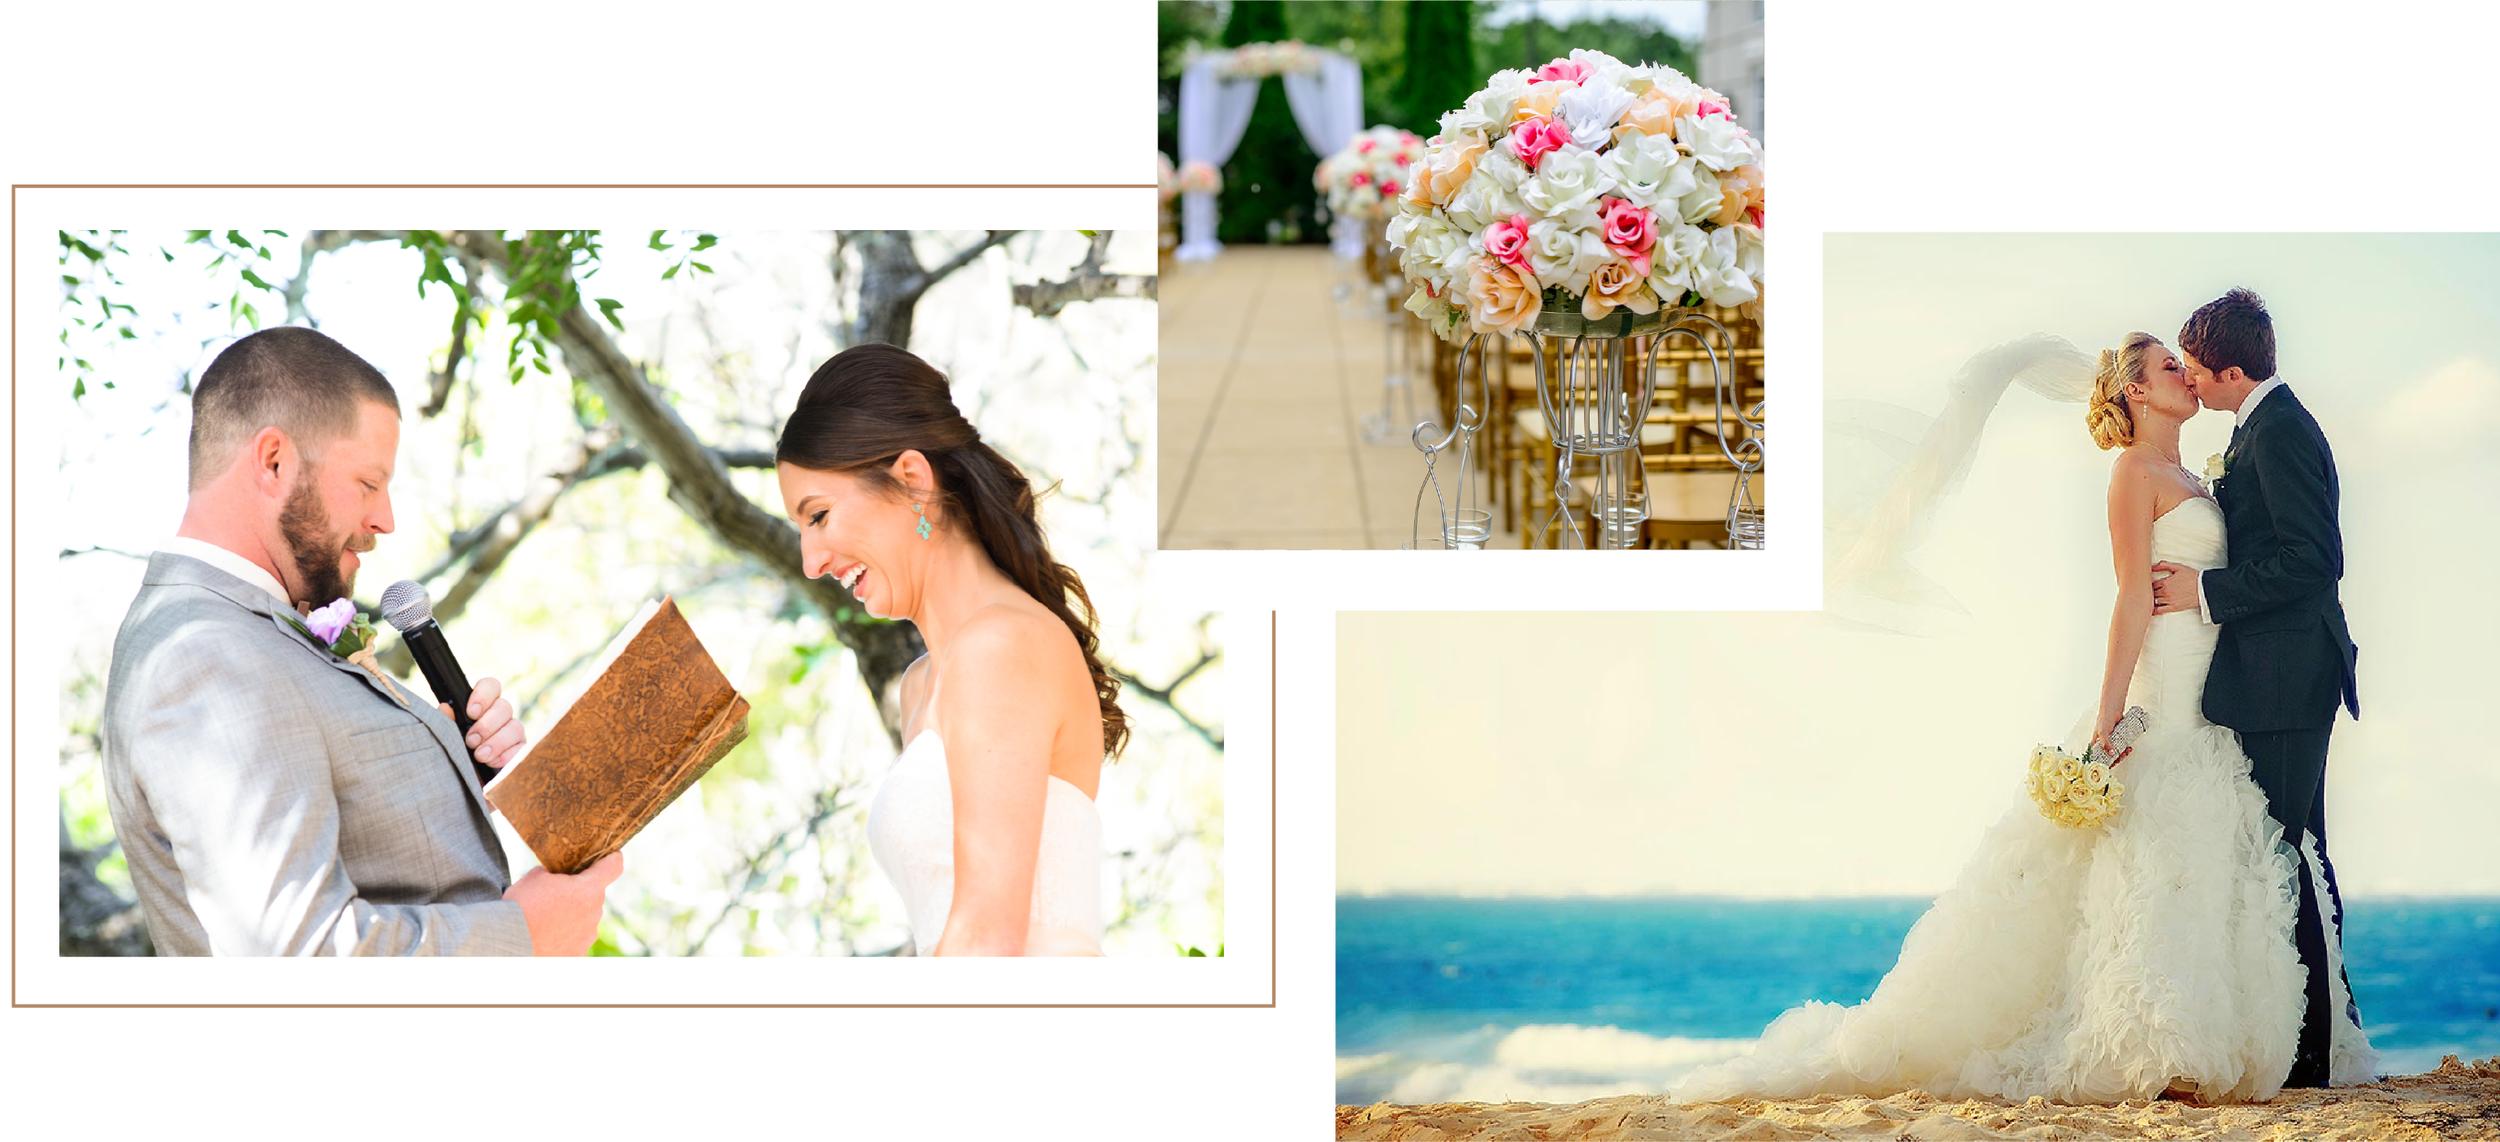 Santa Barbara Wedding DJs: Best DJs and Emcees